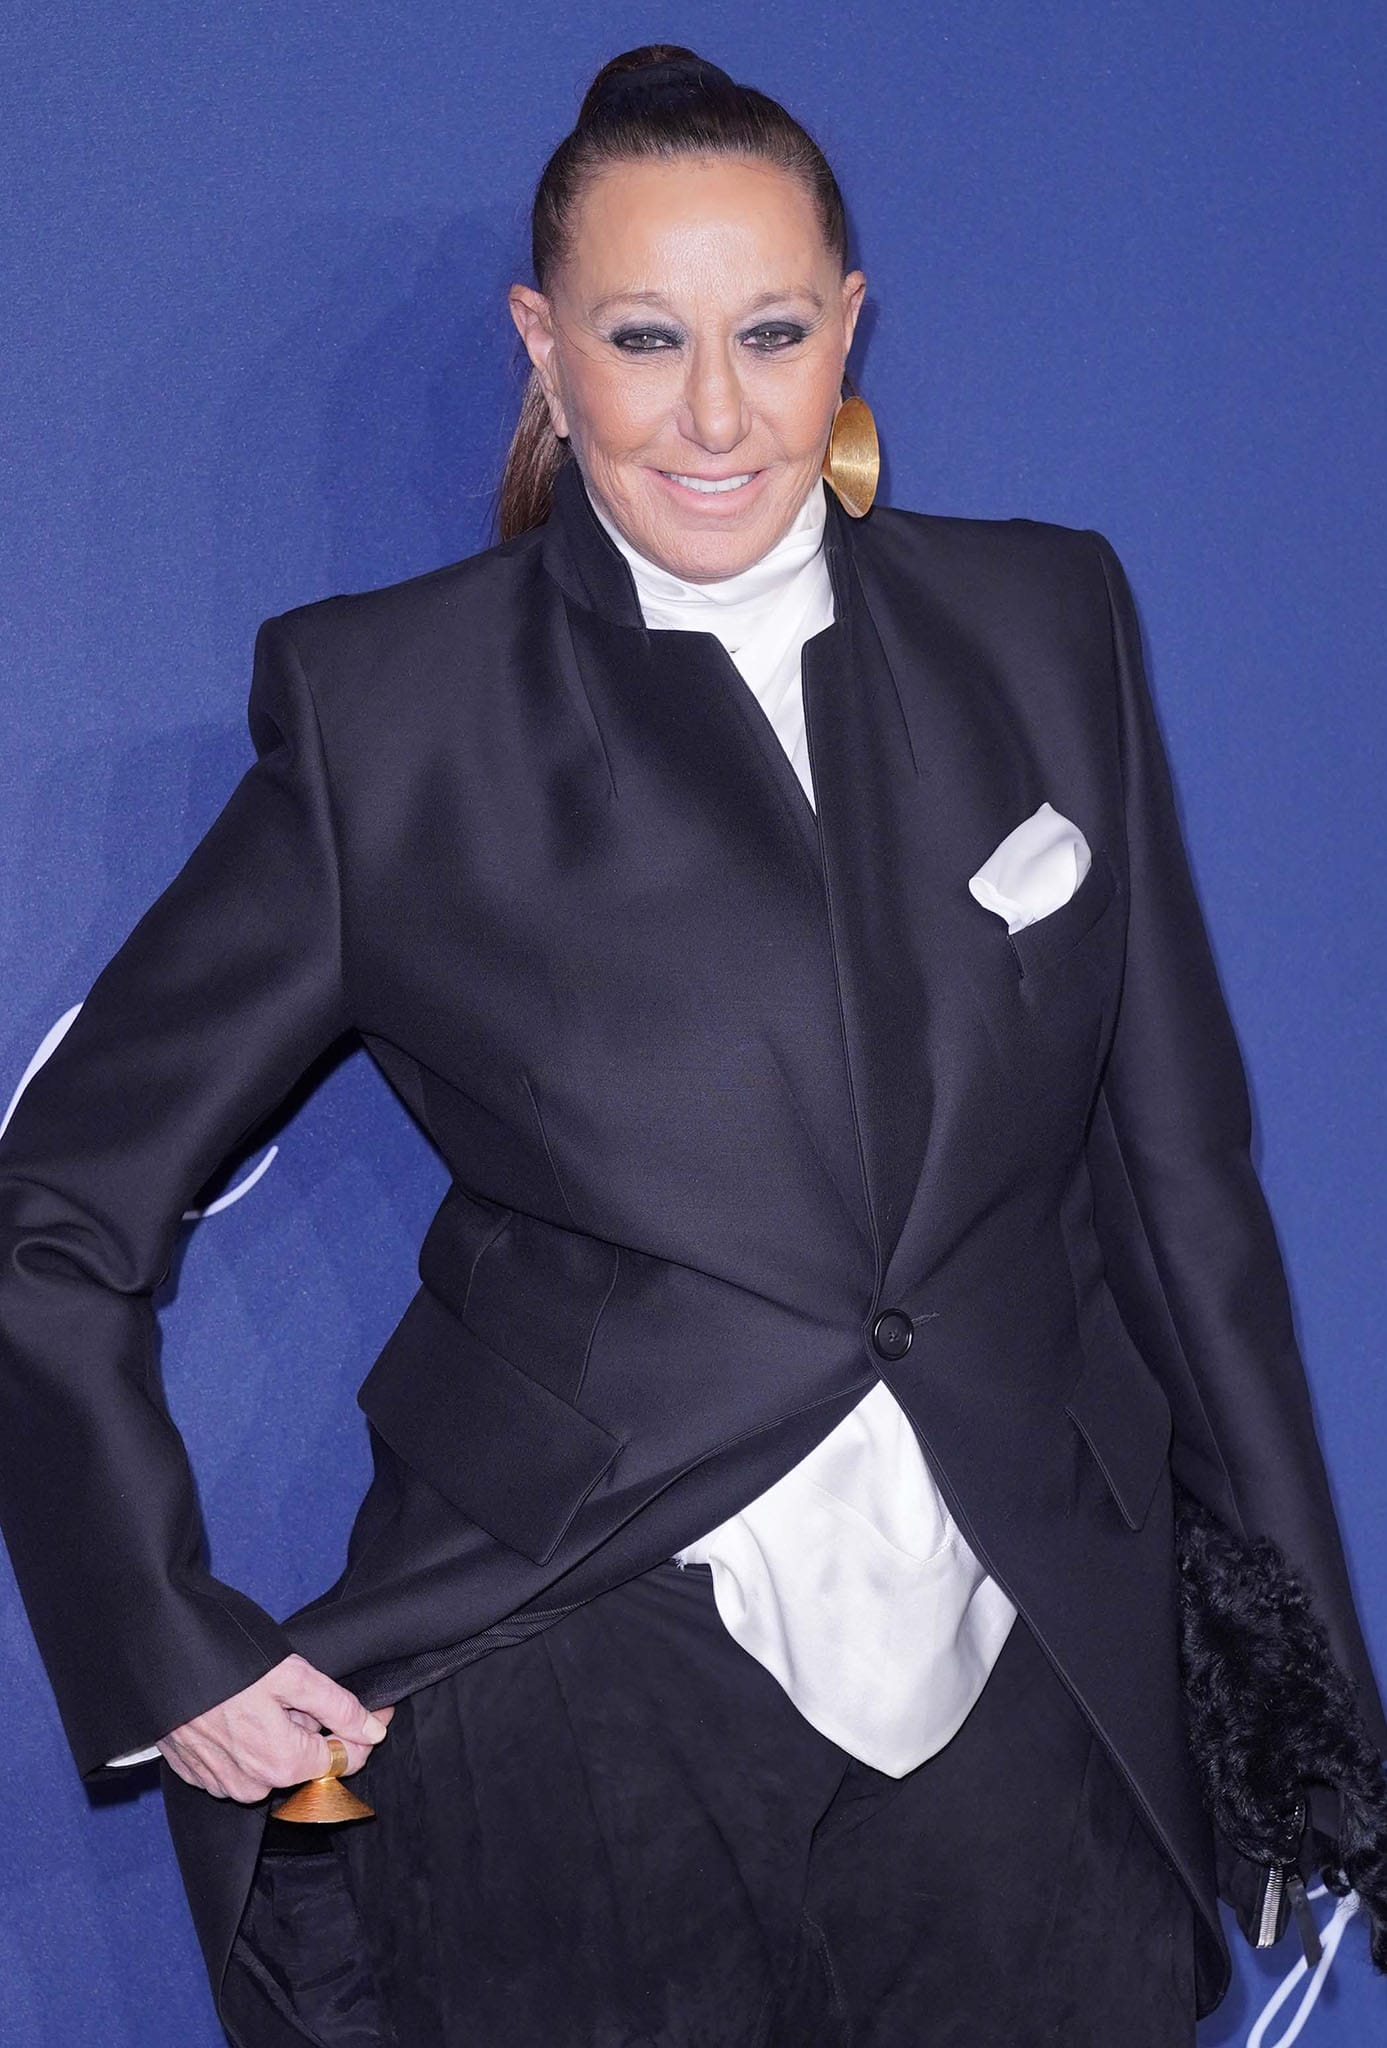 Donna Karan at the amfAR 2020 Gala in New York City on February 5, 2020